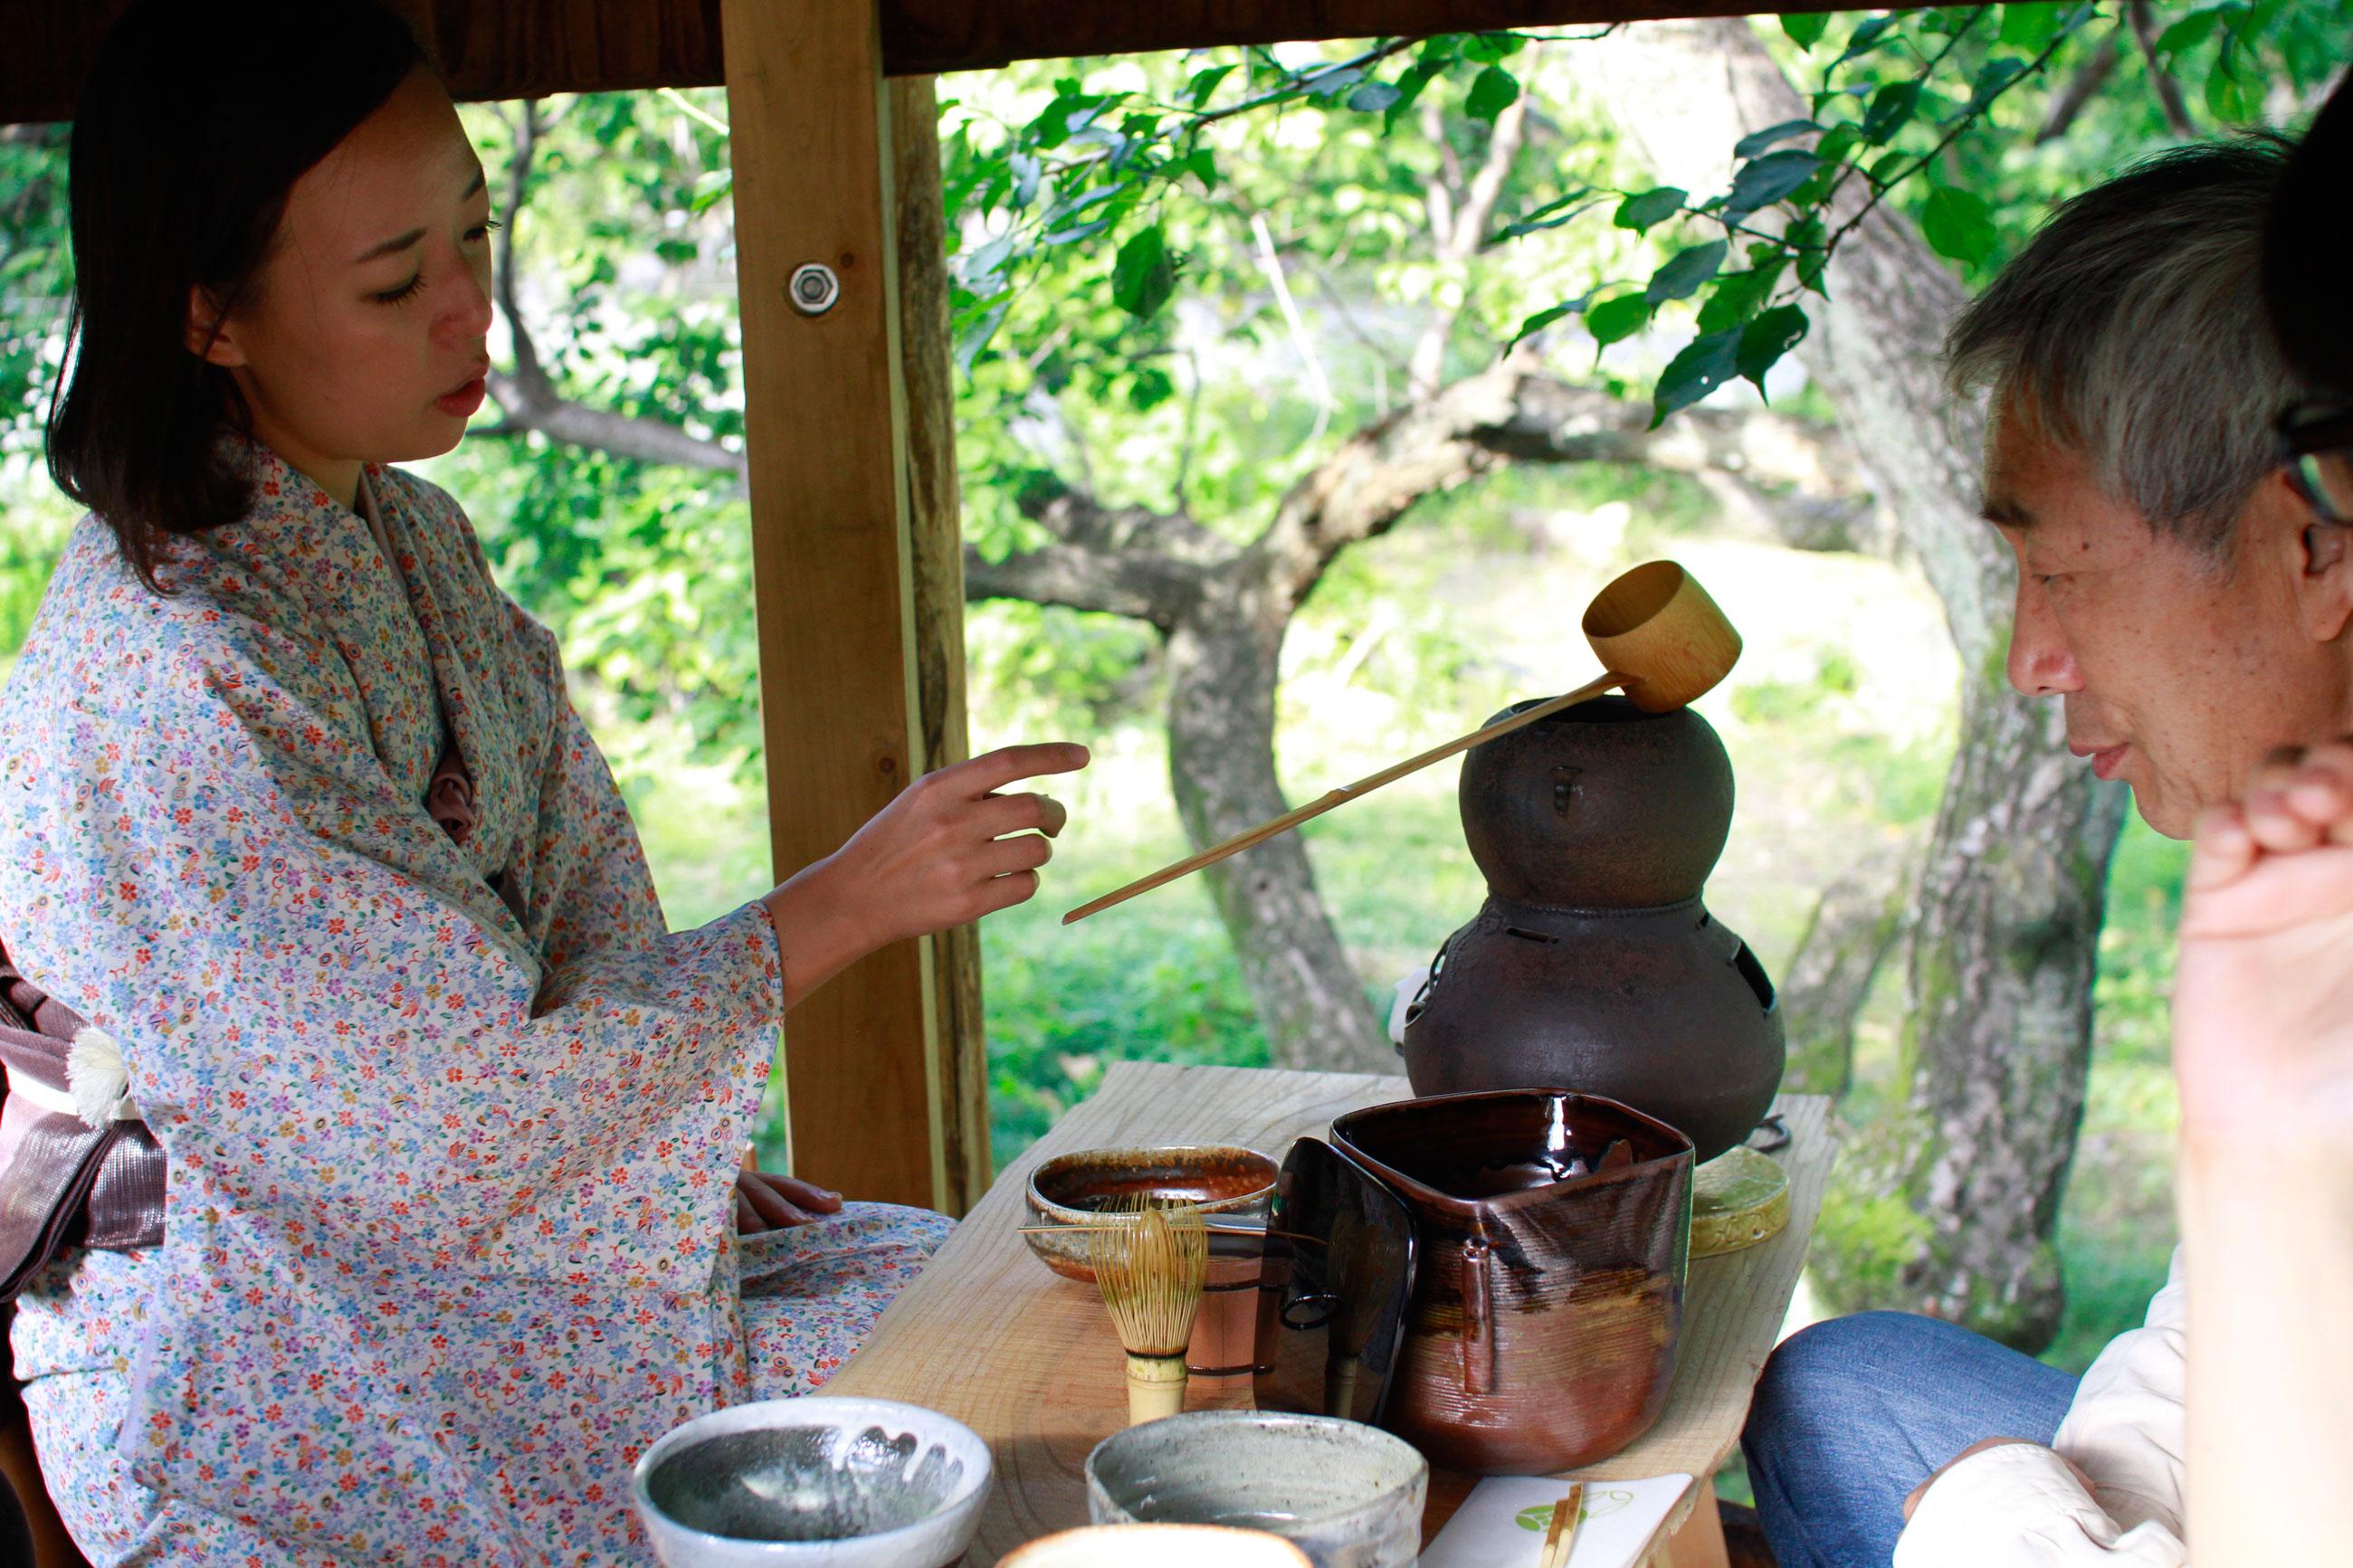 かんな秋アート祭り2016年鬼石展示会Art Residency Japan Kanna Art Festival 2016 茶人小堀芙由子